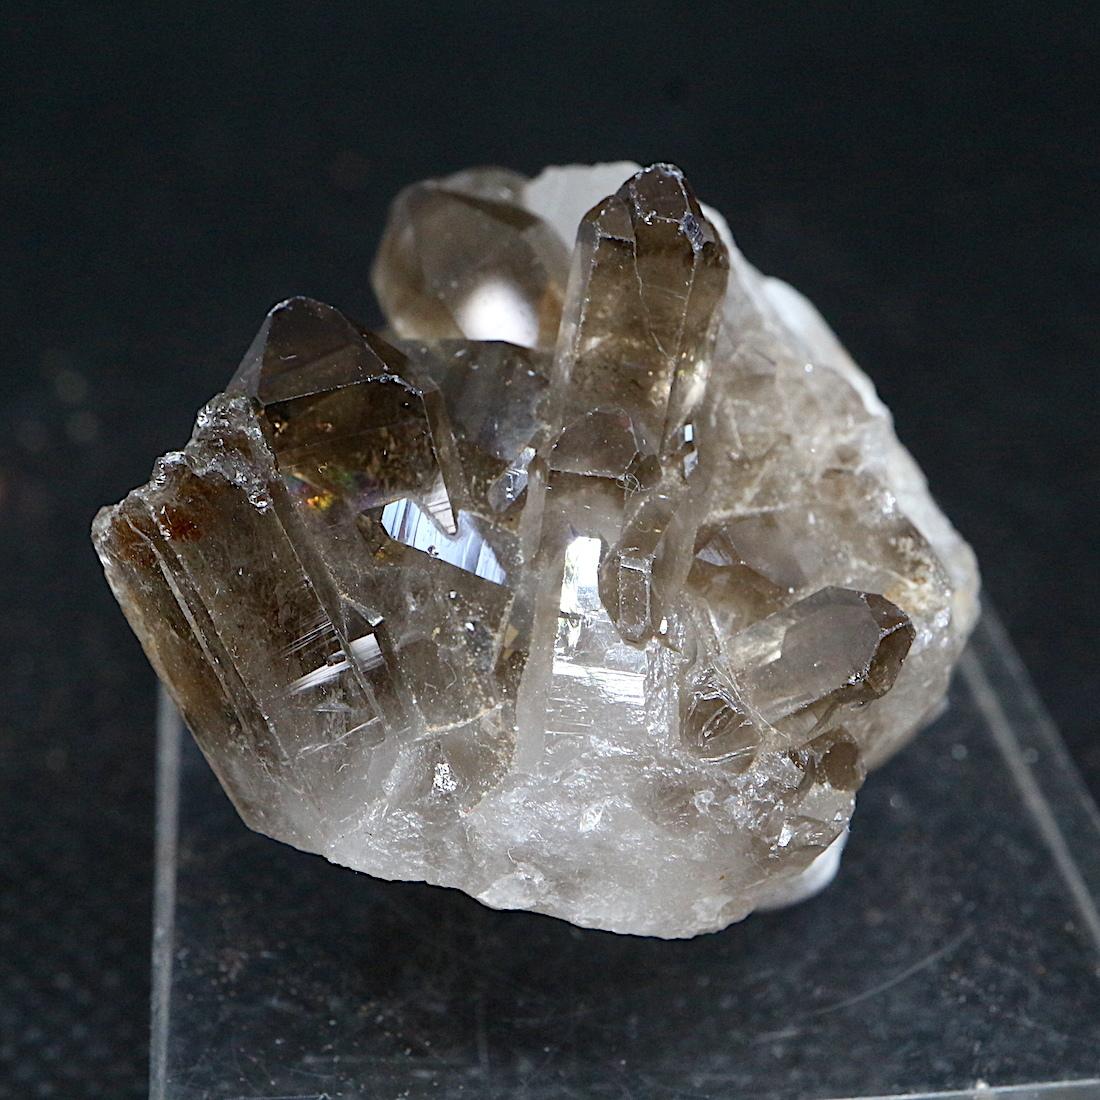 スモーキークォーツ 煙水晶 26,5g SQ005 鉱物 原石 天然石 パワーストーン